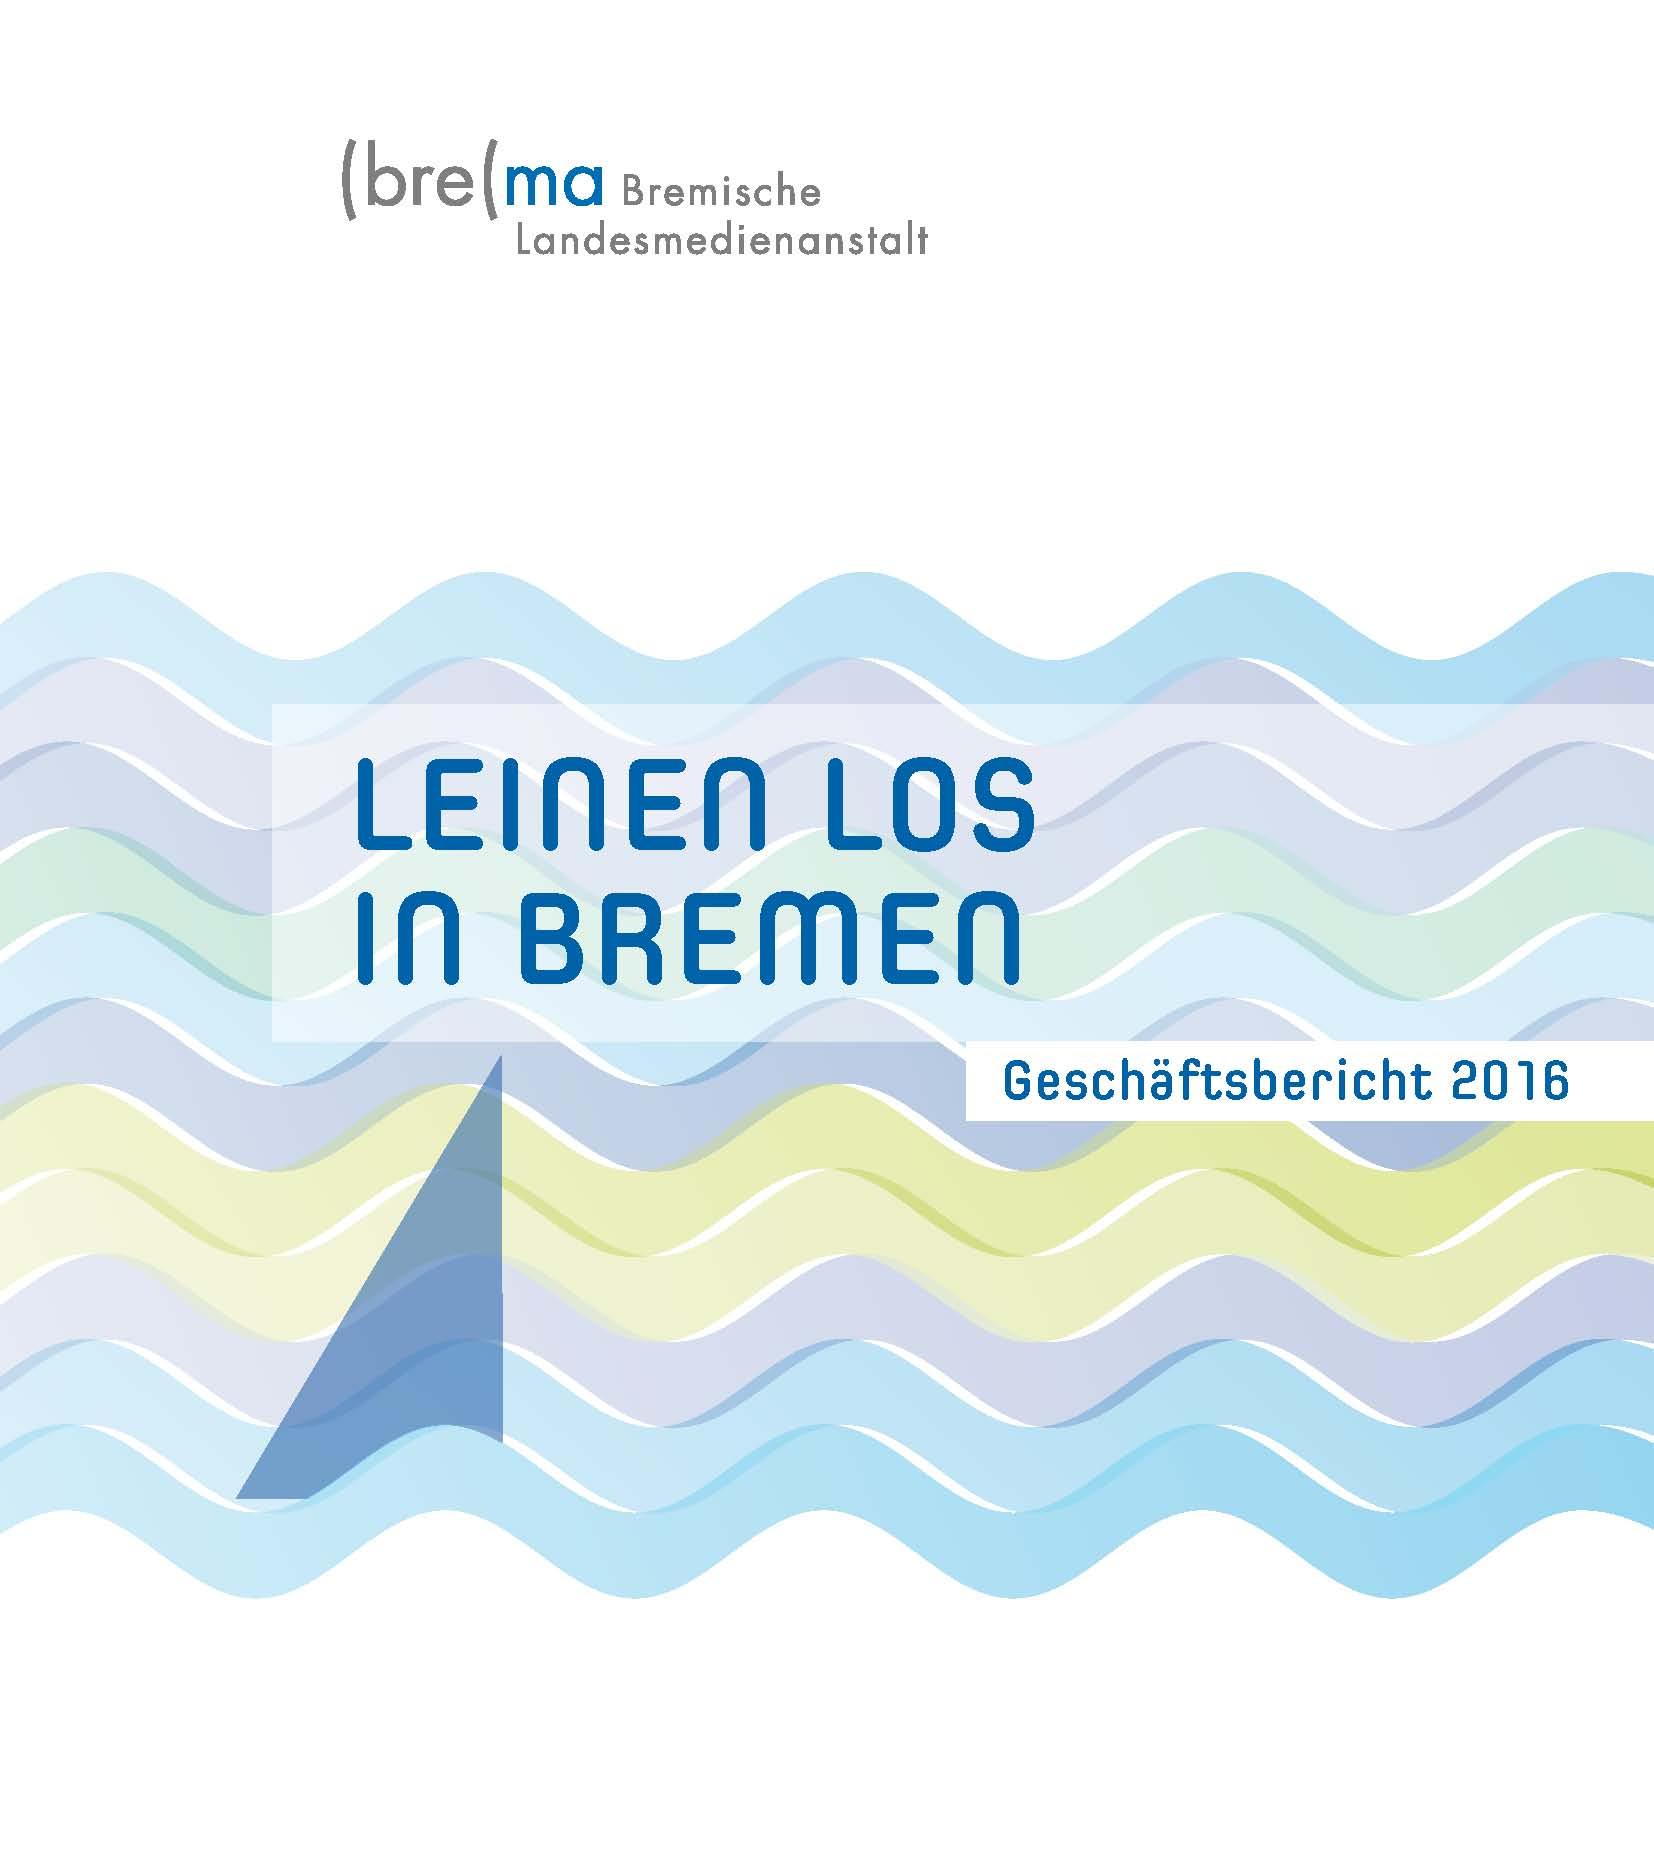 Titelbild des Geschäftsberichts 2016